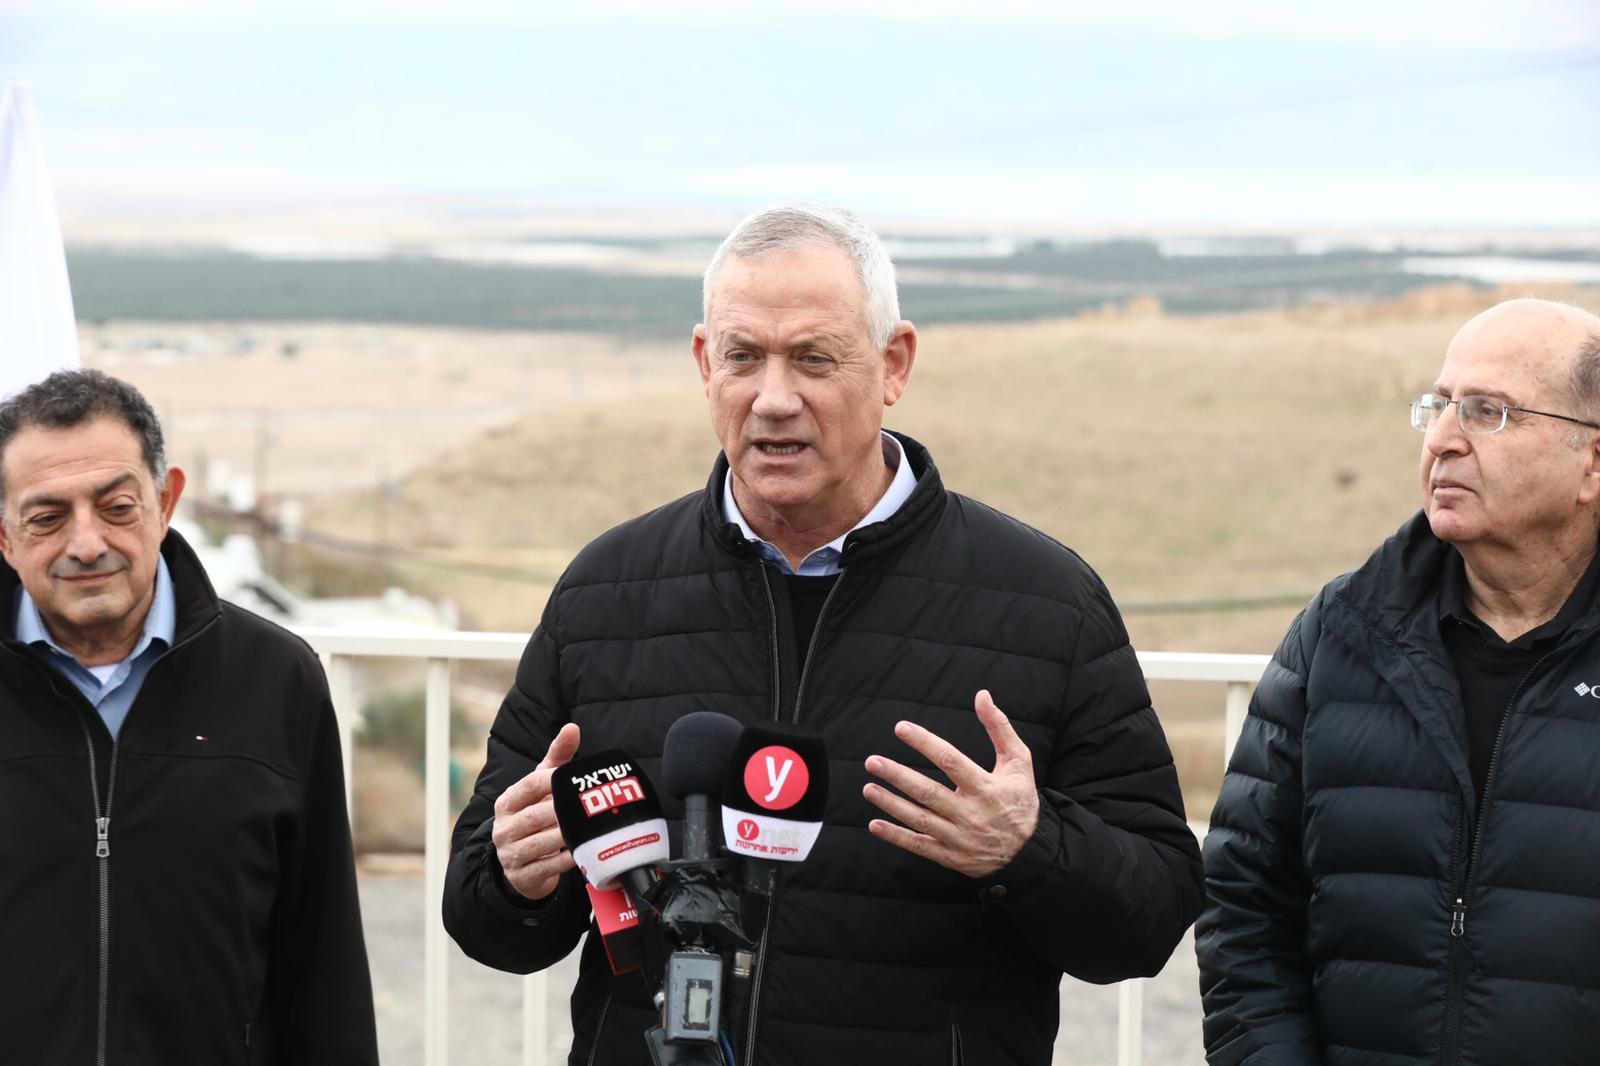 Бени Ганц: Иорданская долина должна быть аннексирована Израилем